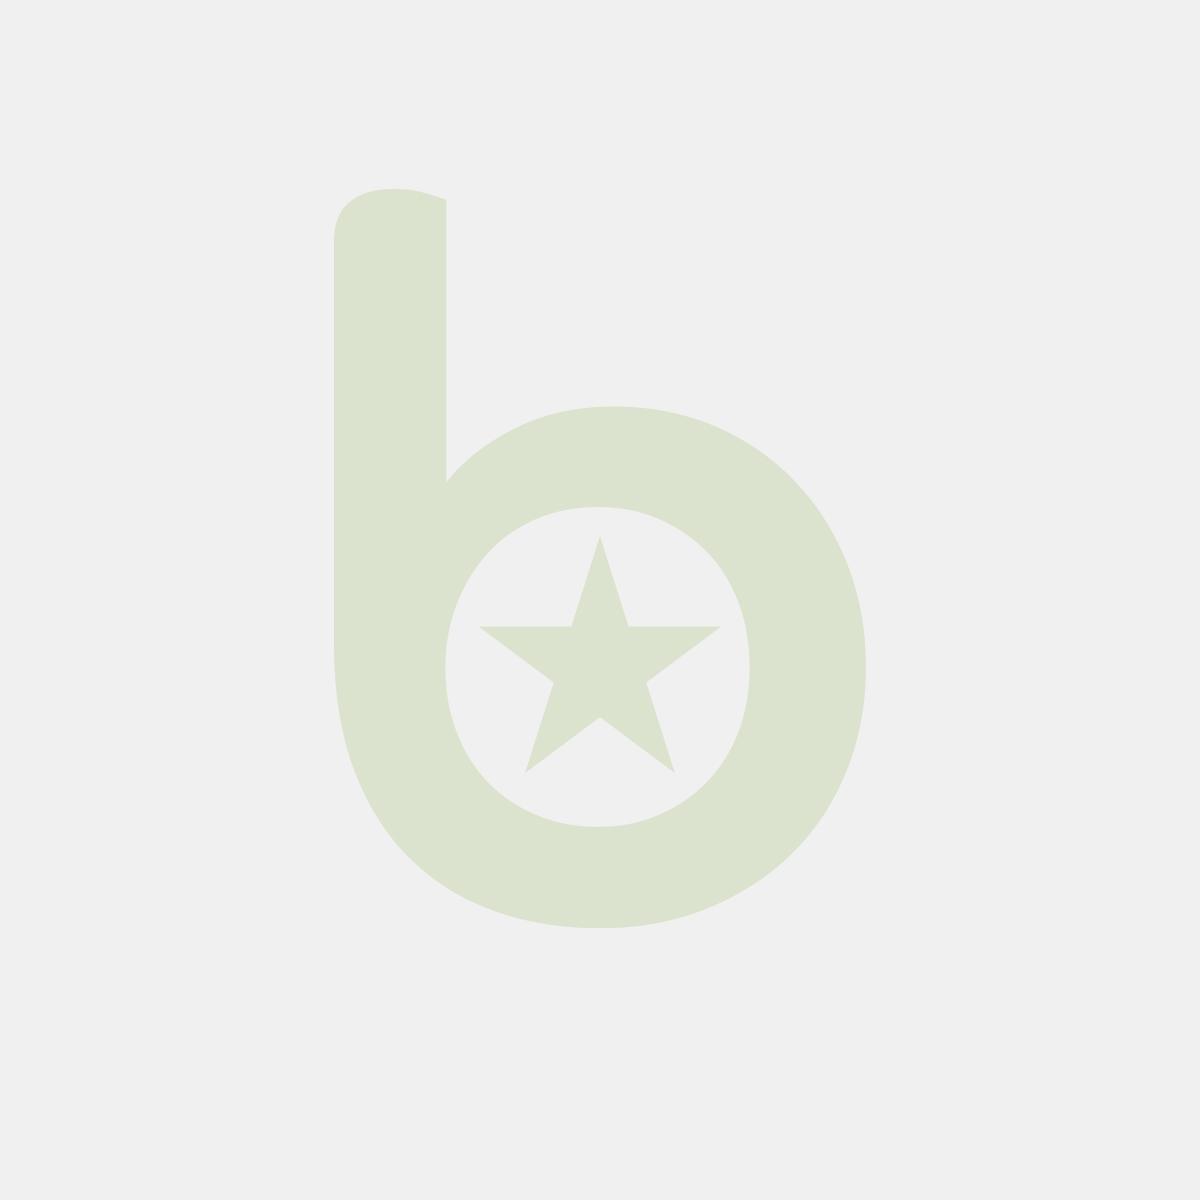 Taśma PVC opakowaniowa, kauczuk naturalny, 48x66m, brązowa